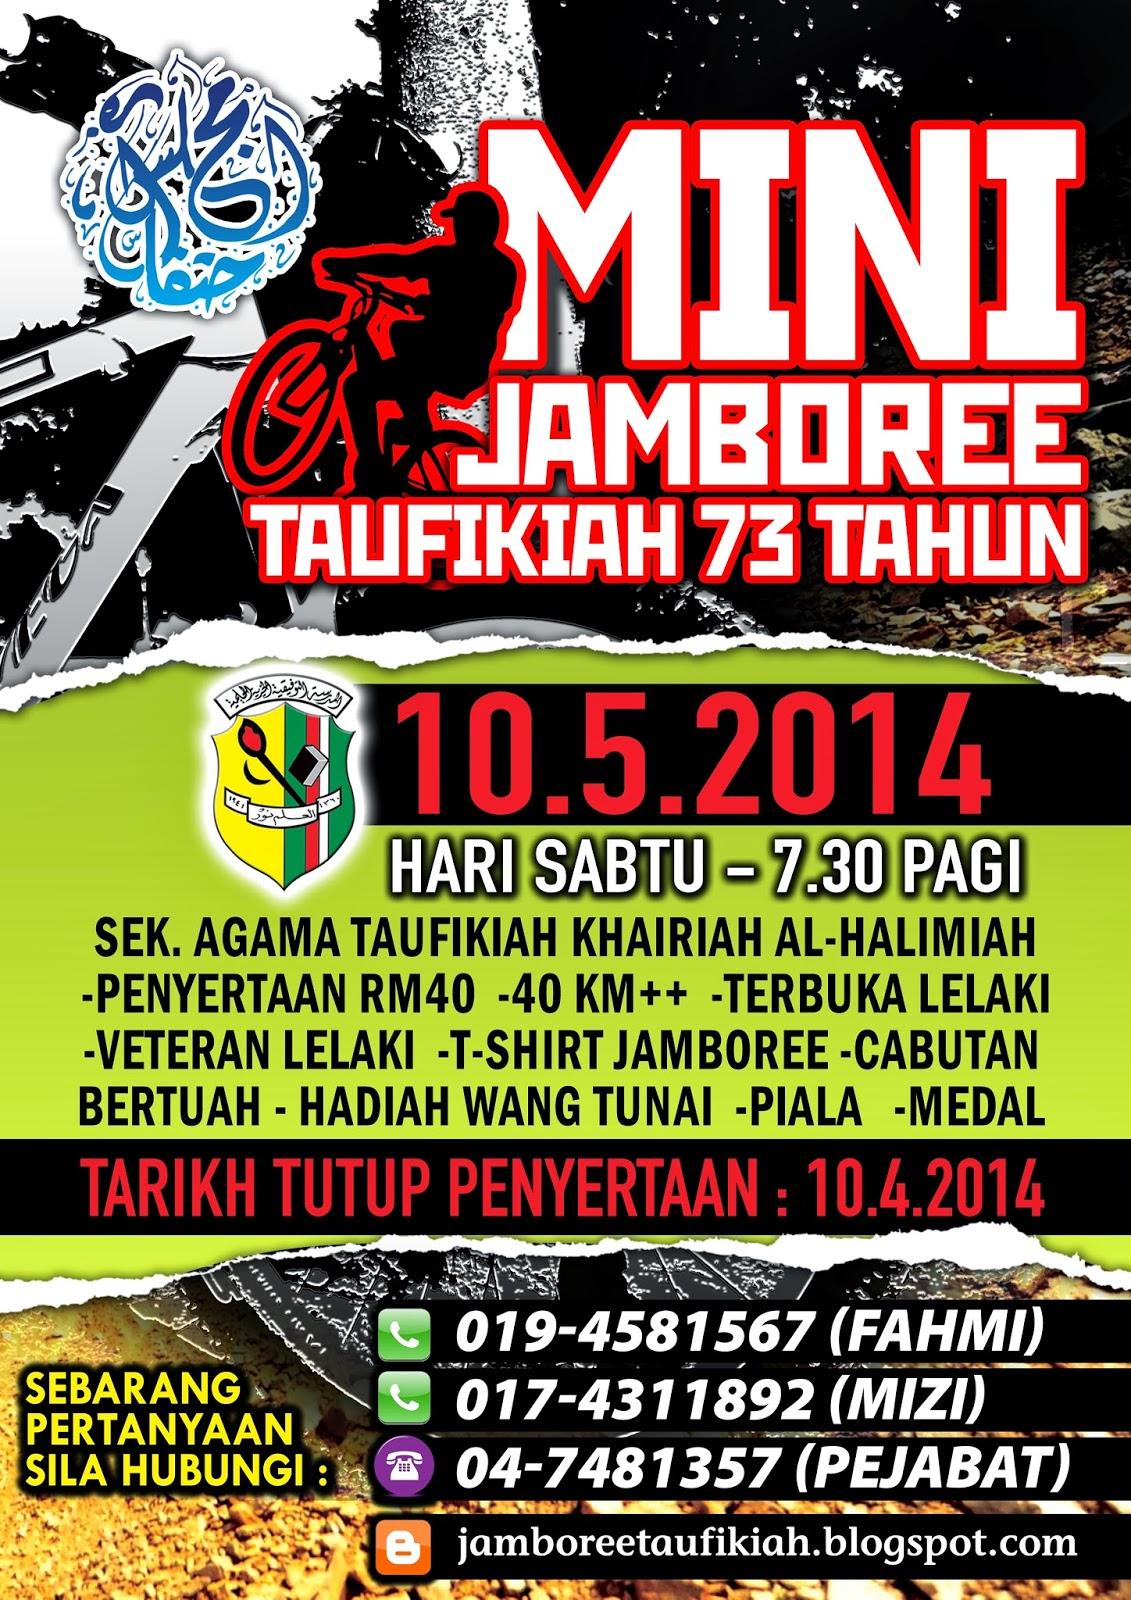 http://www.jamboreetaufikiah.blogspot.com/